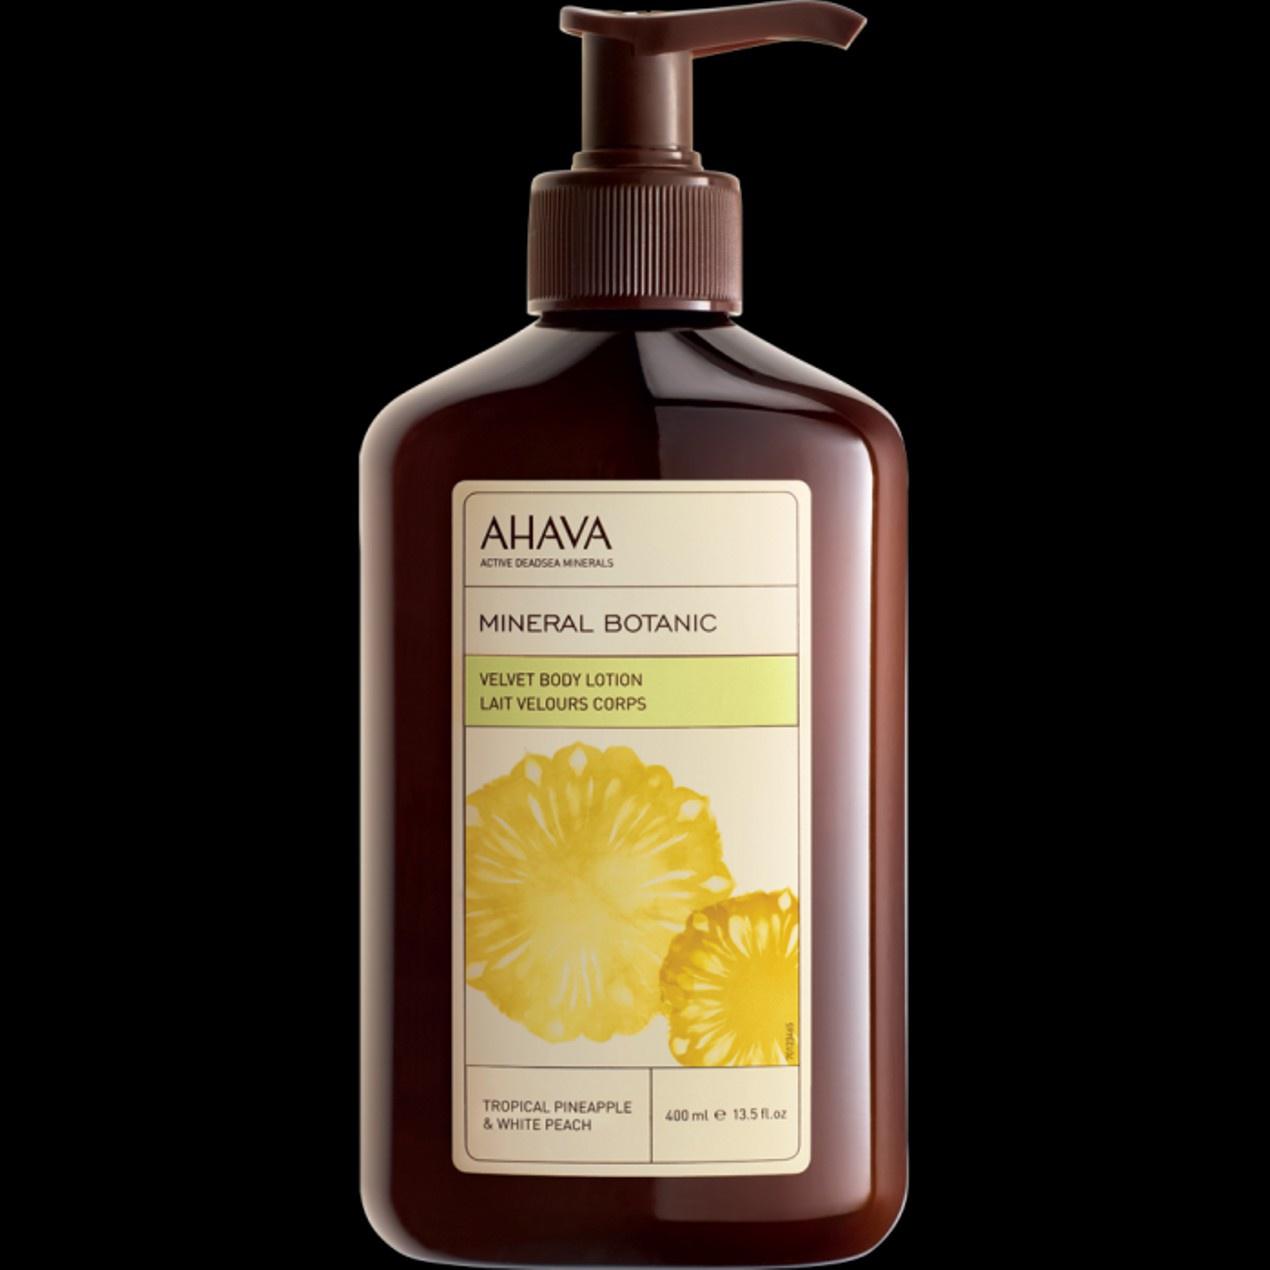 Ahava Mineral Botanic Velvet Body Lotion - Tropical Pineapple & White Peach